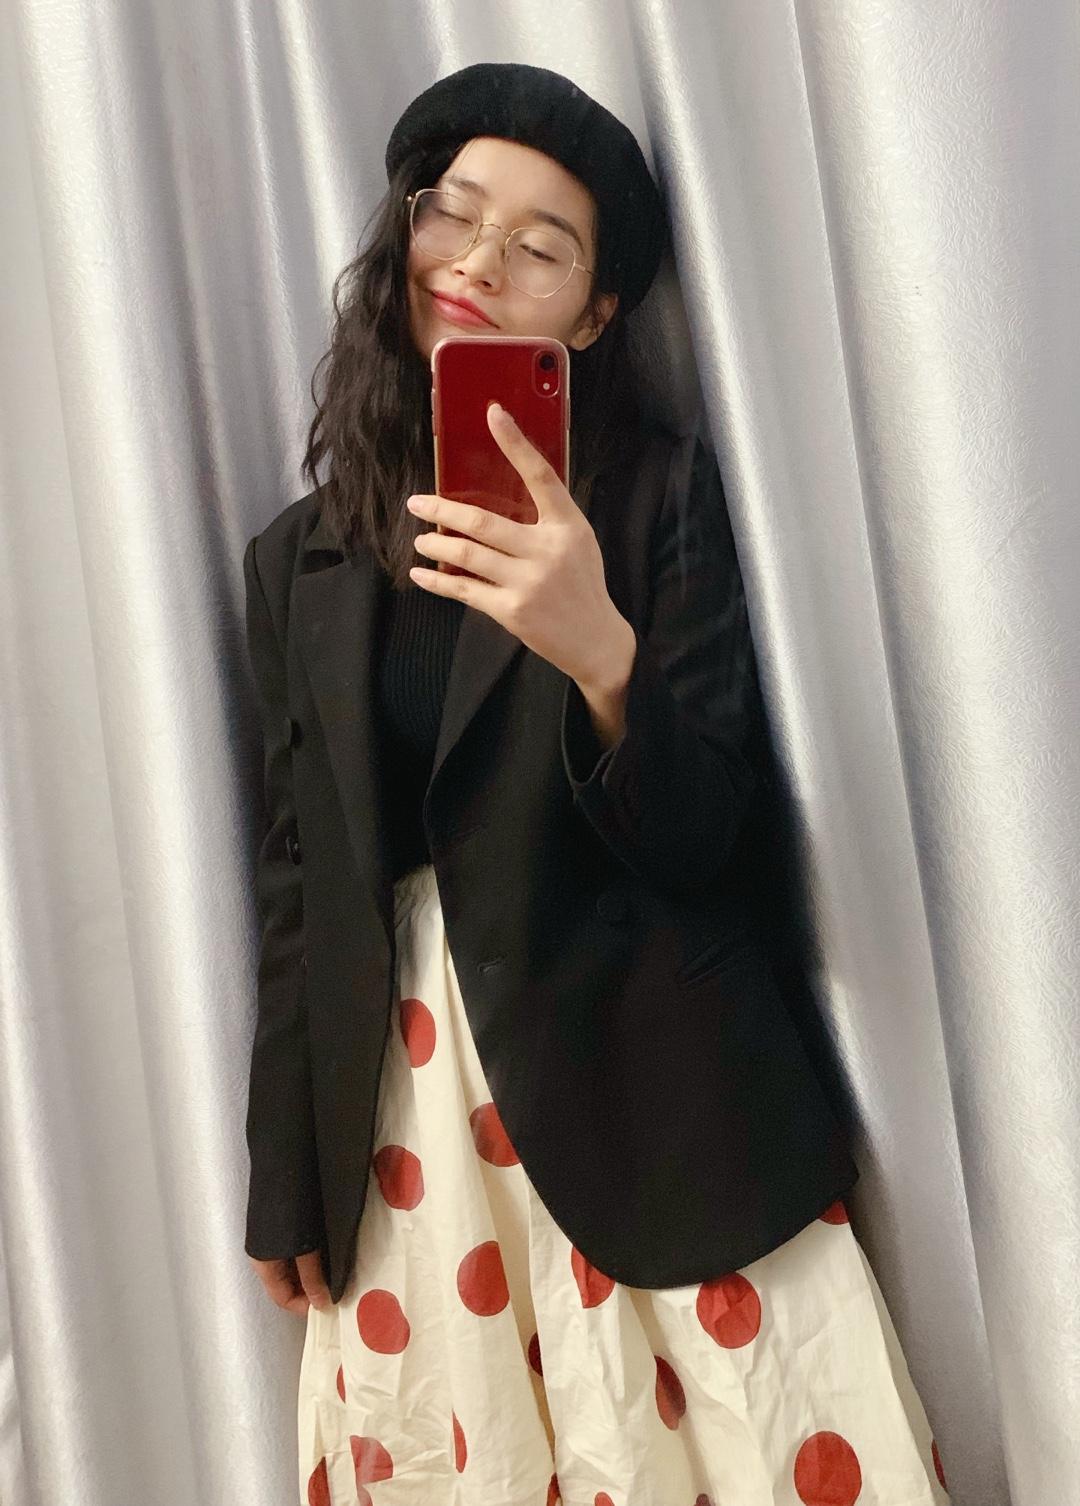 #今天穿什么# 黑色双排扣西服 收腰显瘦版型好,配上橘色波点裙  显的不那么成熟